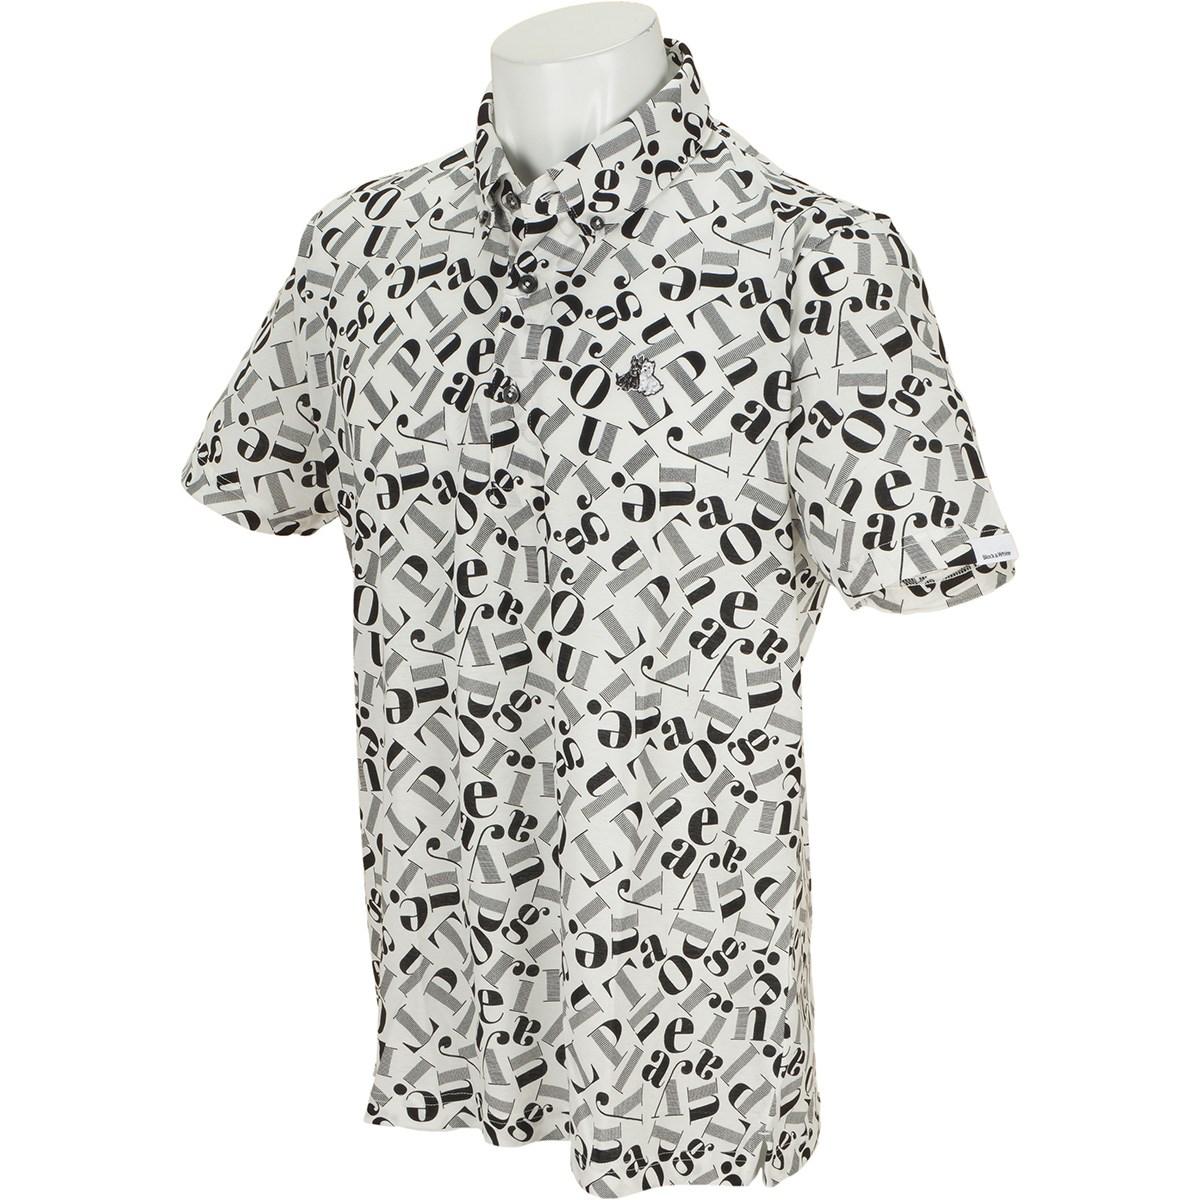 ブラック&ホワイト 半袖ボタンダウンポロシャツ